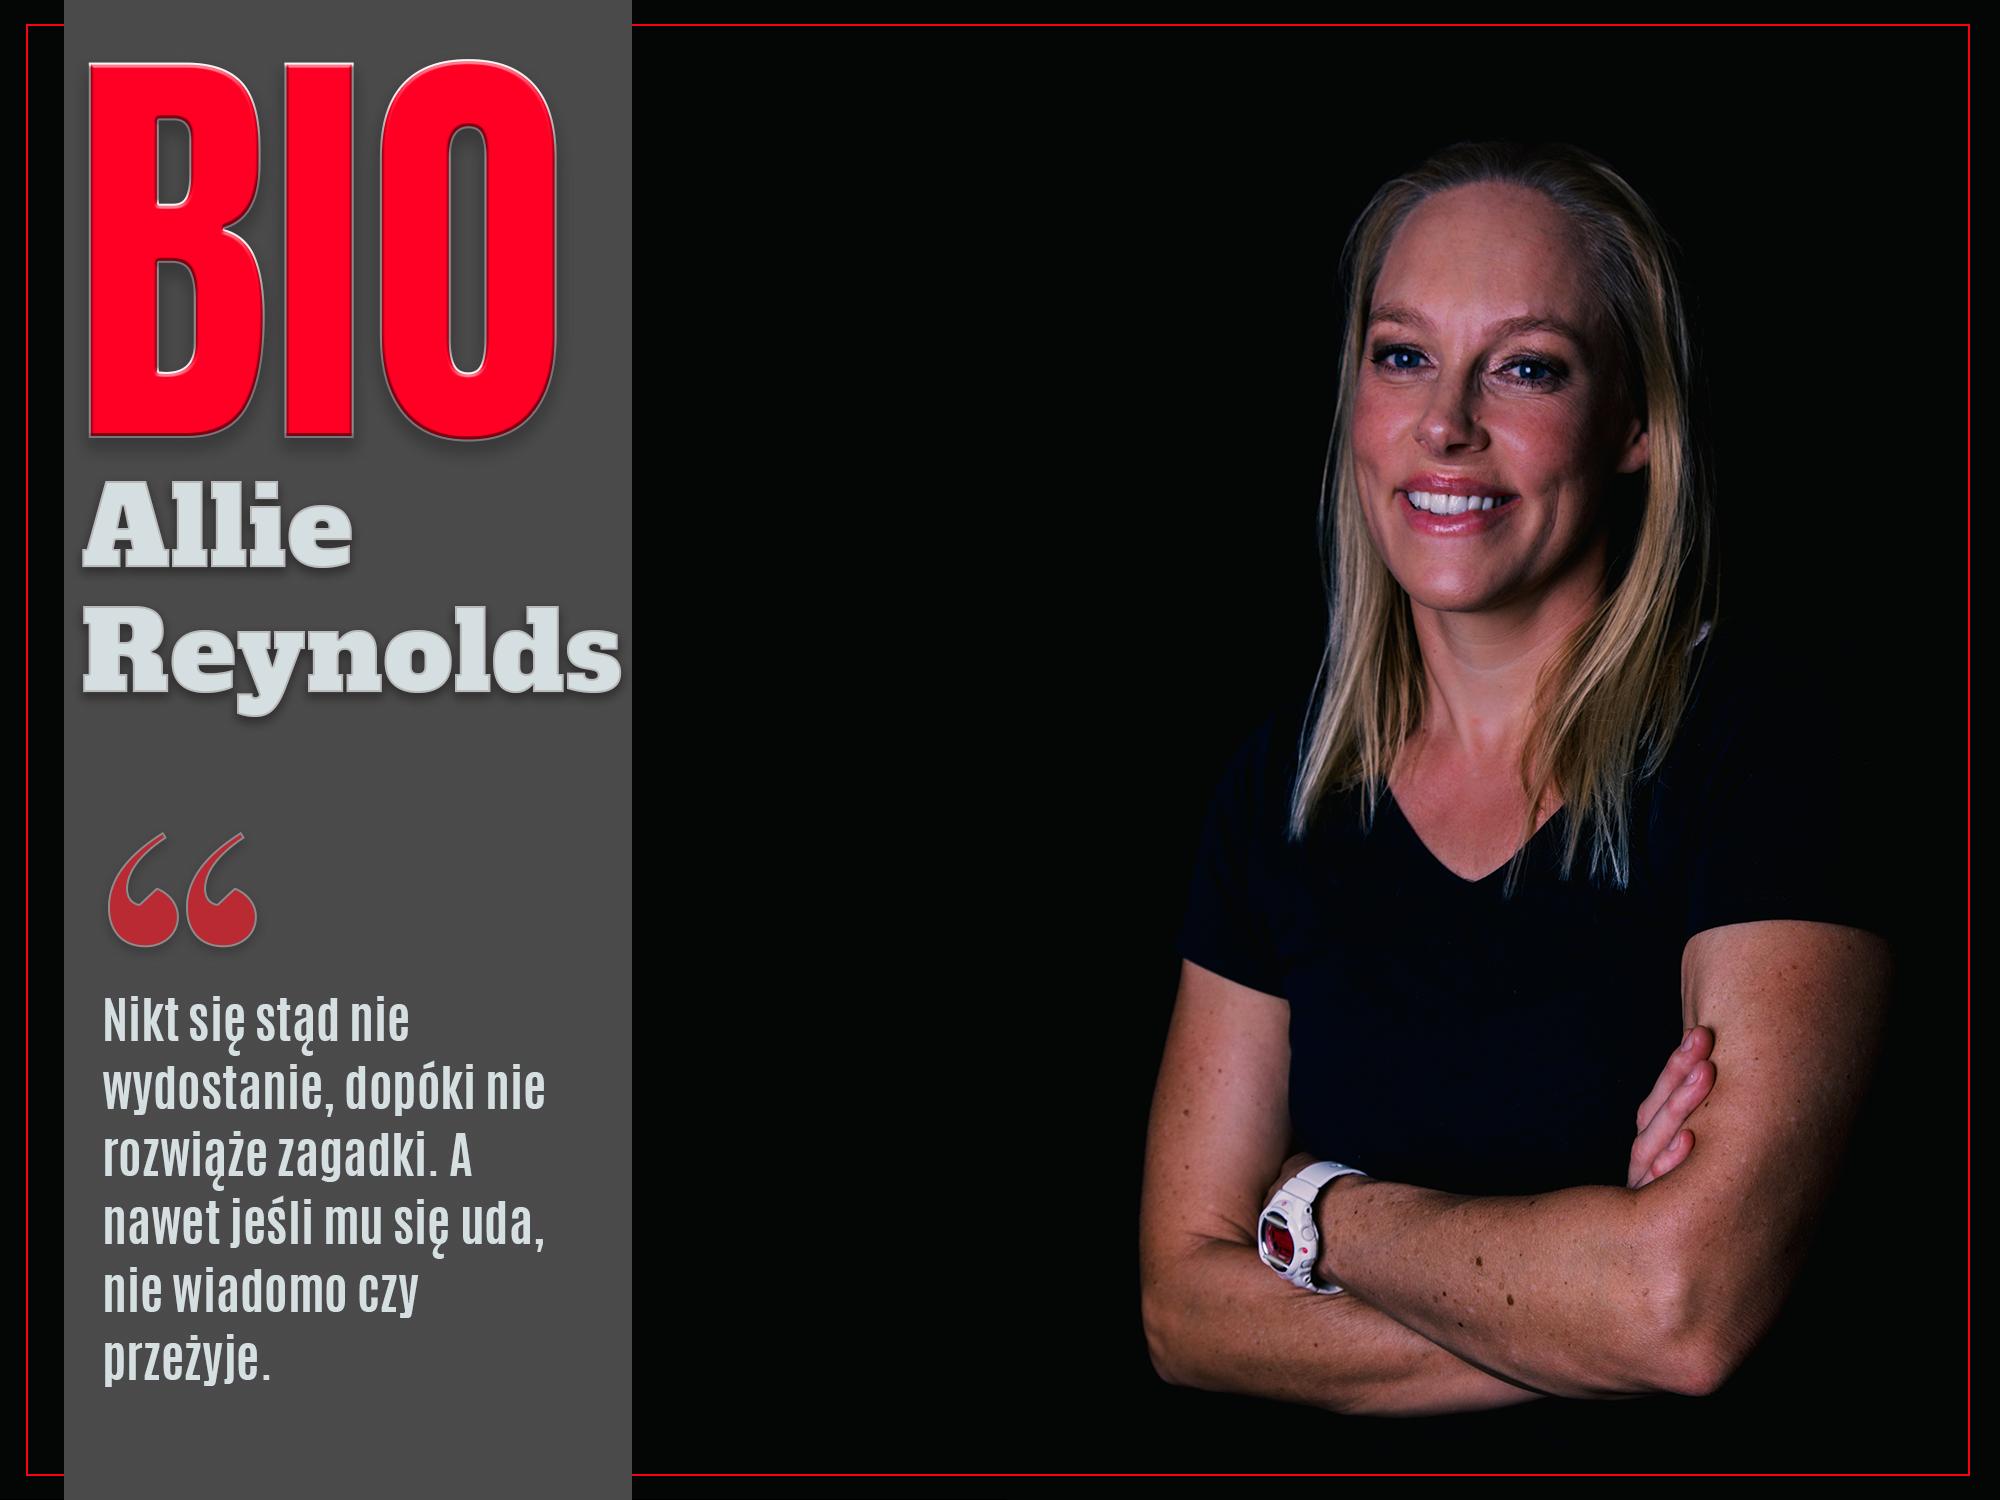 Allie Reynolds BIO